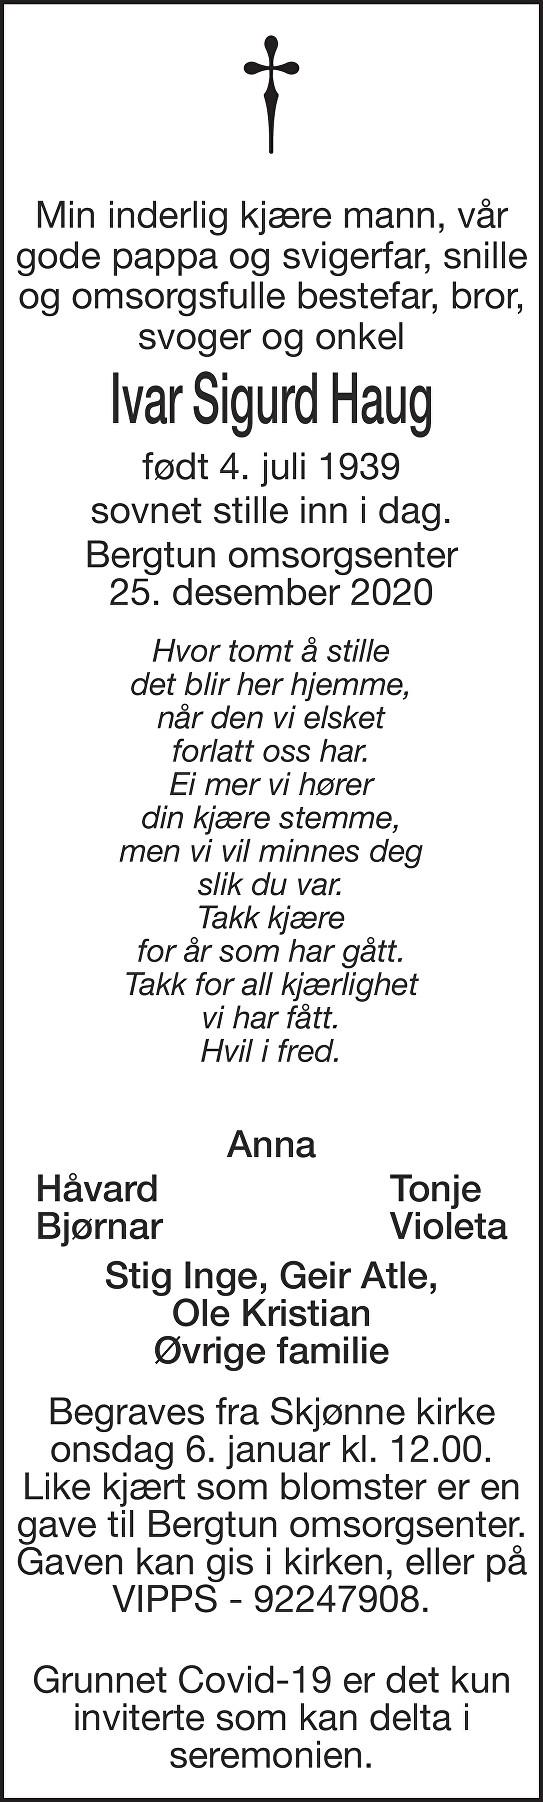 Ivar Sigurd Haug Dødsannonse